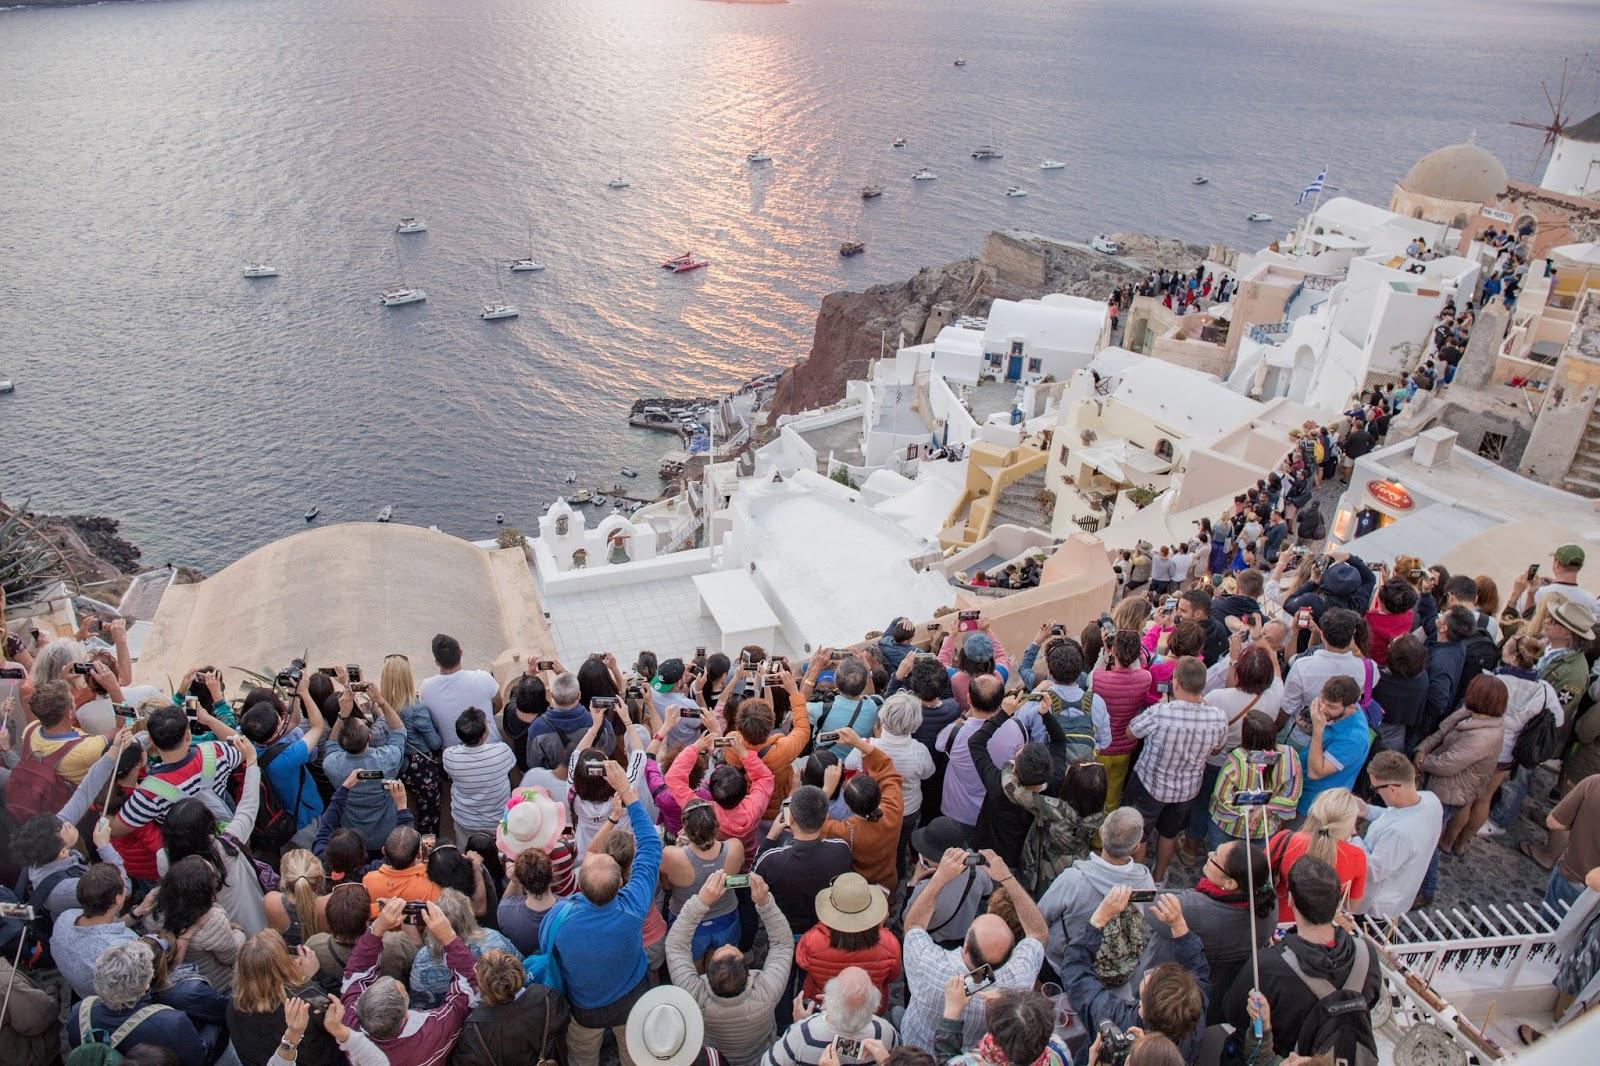 10 самых тухлых туристических мест, на которые не стоит тратить время и деньги